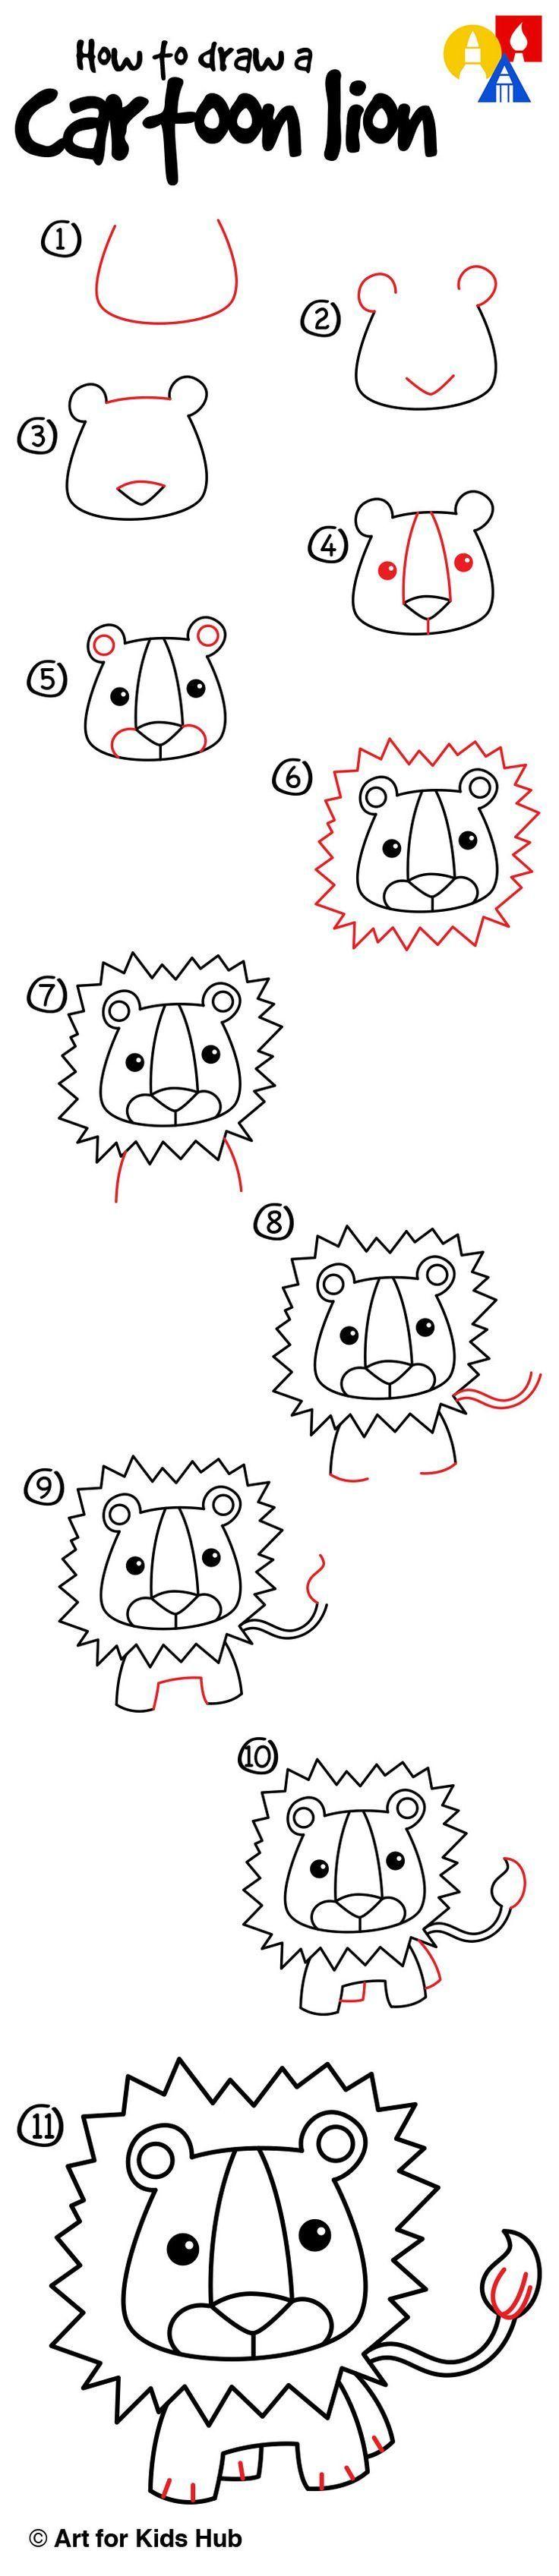 Les 25 meilleures id es de la cat gorie comment dessiner un lion sur pinterest - Comment dessiner un lion ...